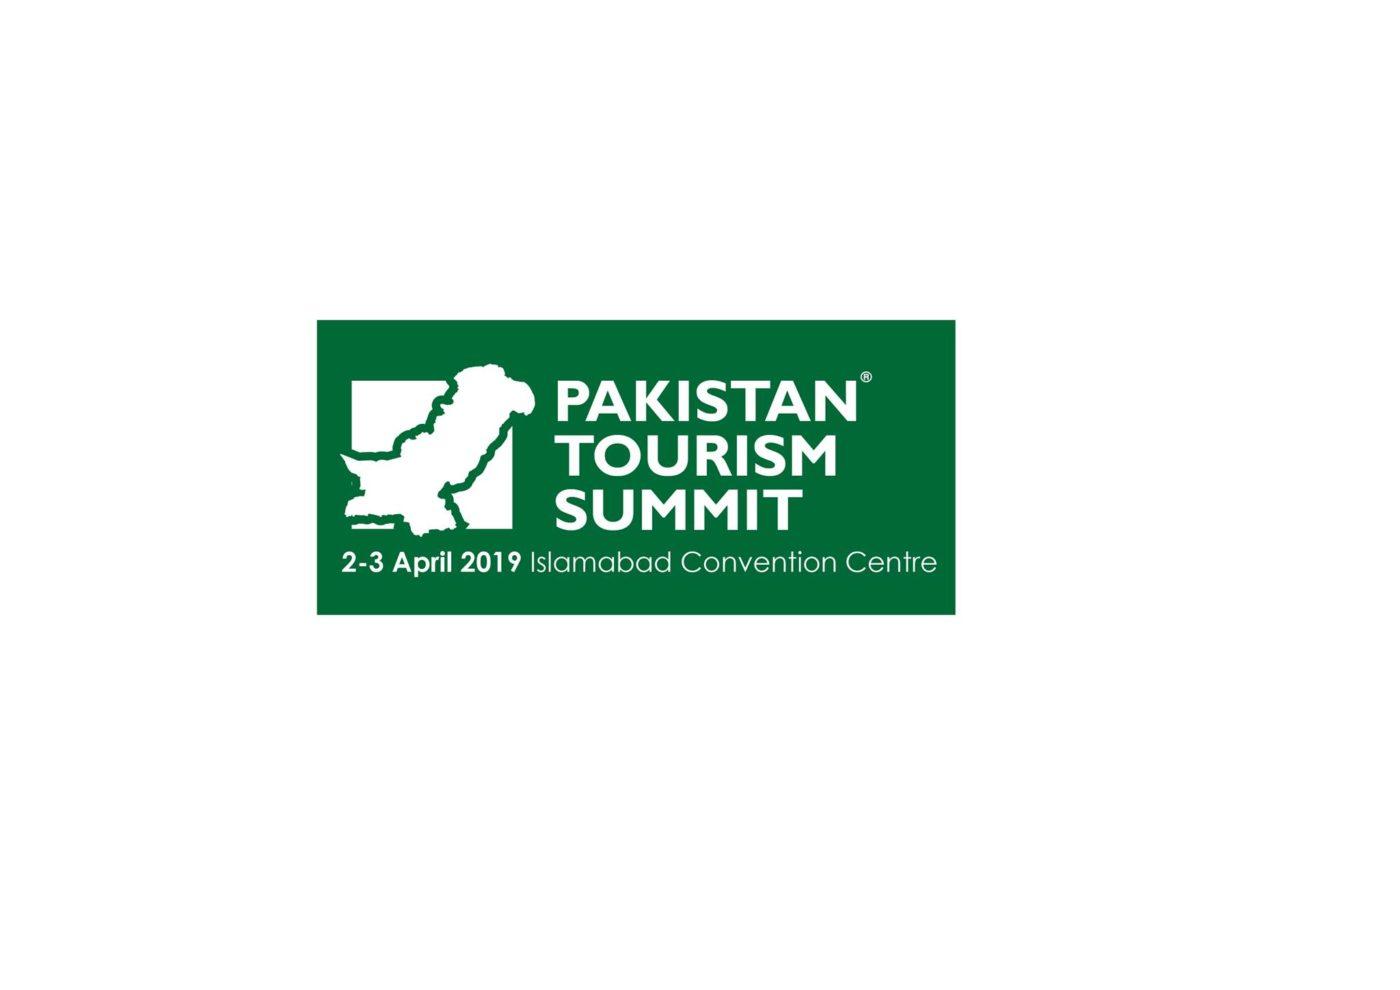 pts2019 - The Pakistan Tourism Summit 2019 Snub